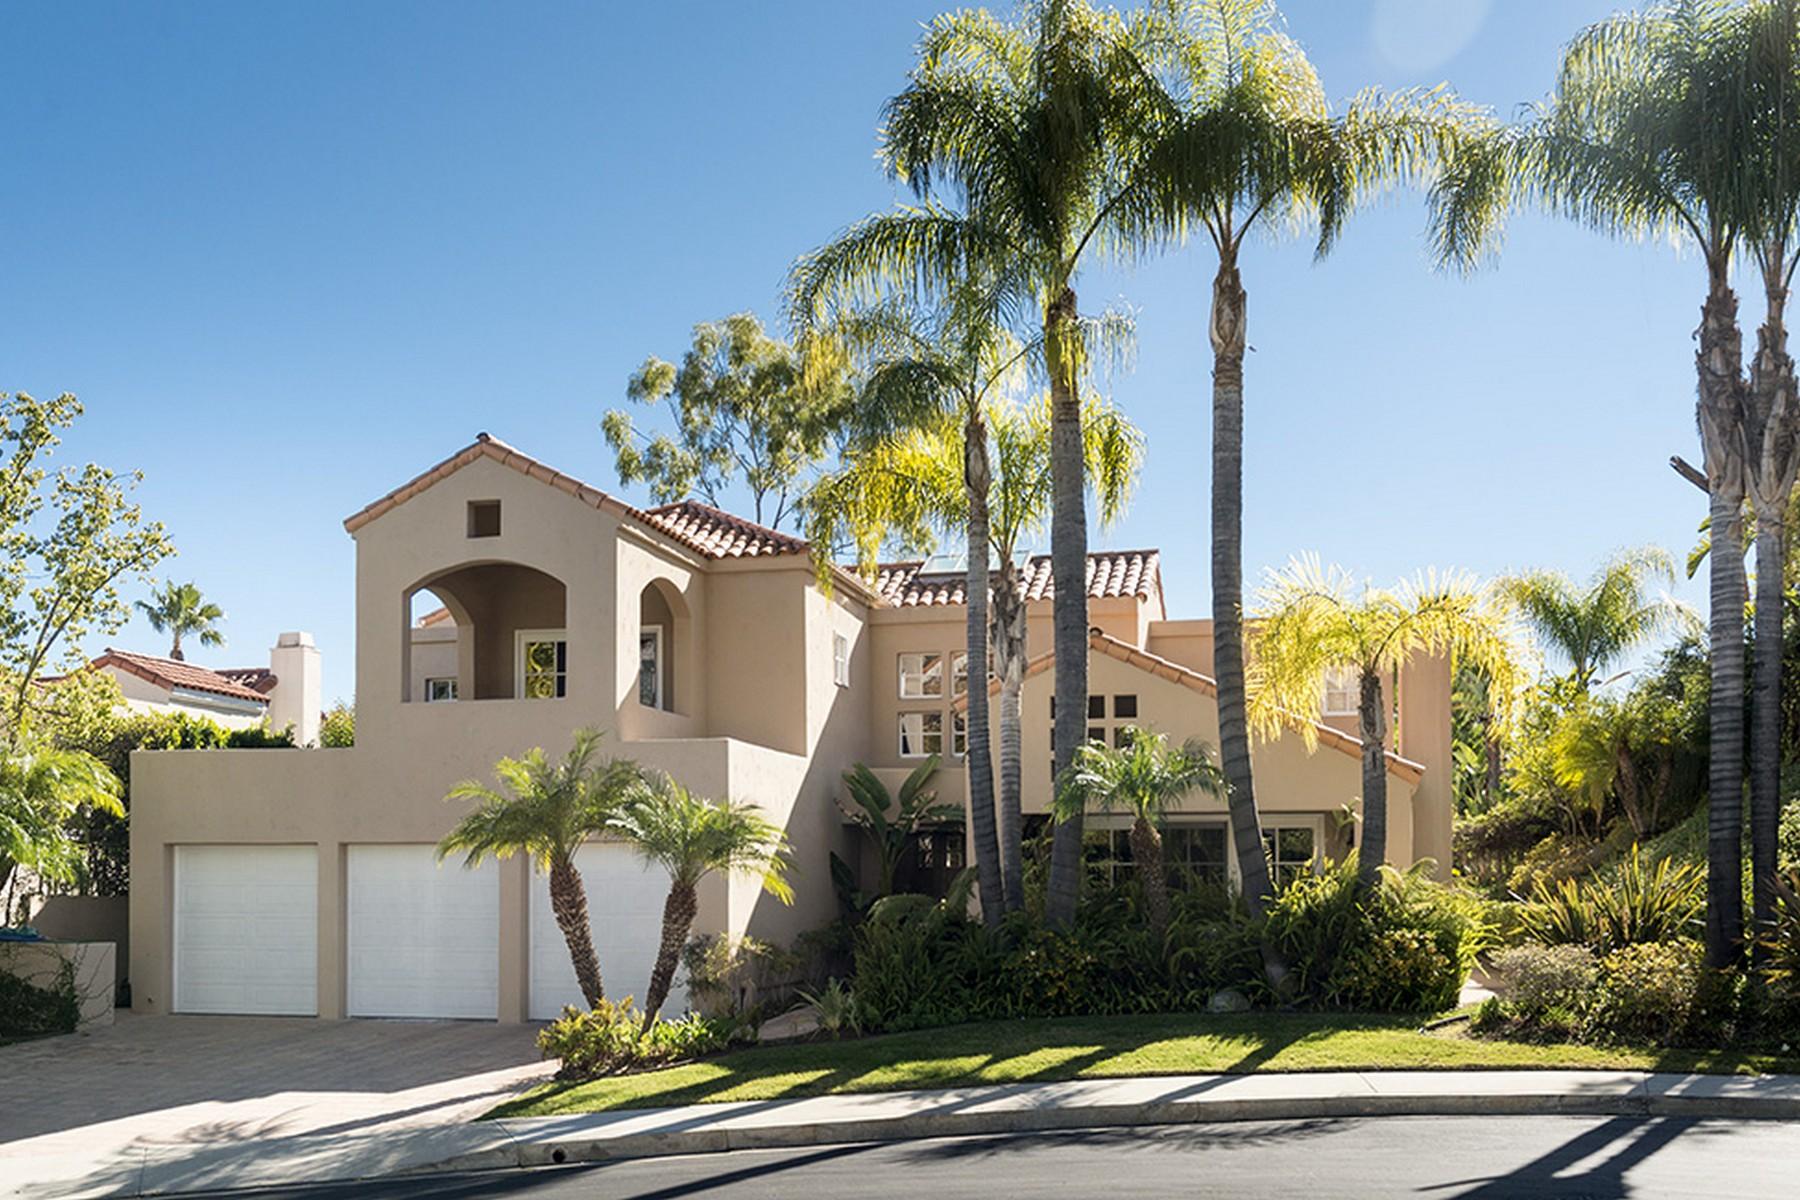 独户住宅 为 销售 在 24242 Park Athena 卡拉巴萨斯, 加利福尼亚州, 91302 美国